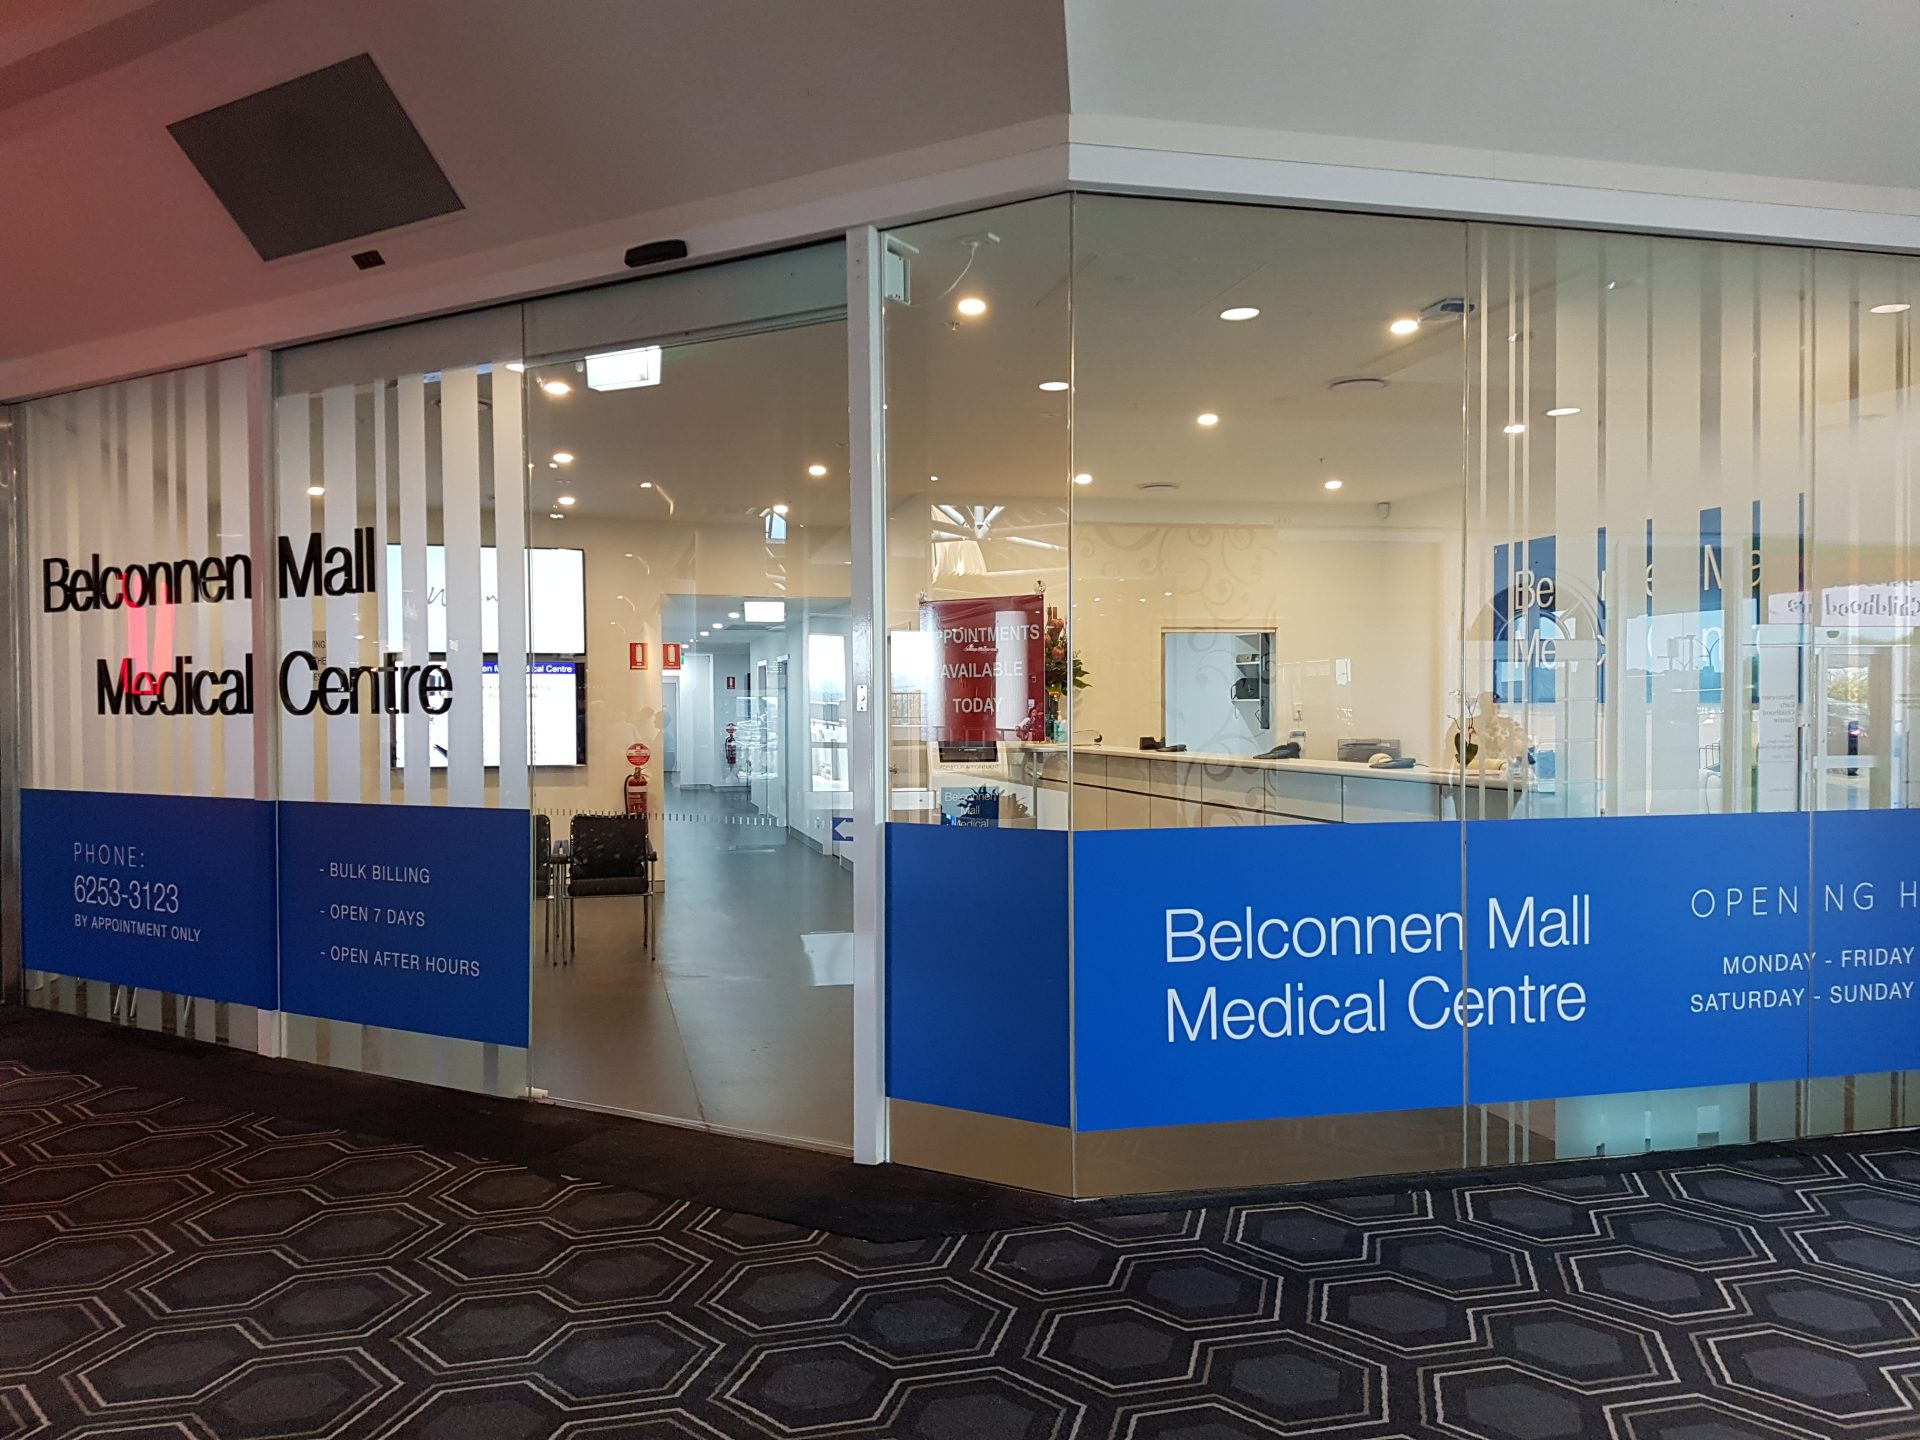 Belconnen Mall Medical